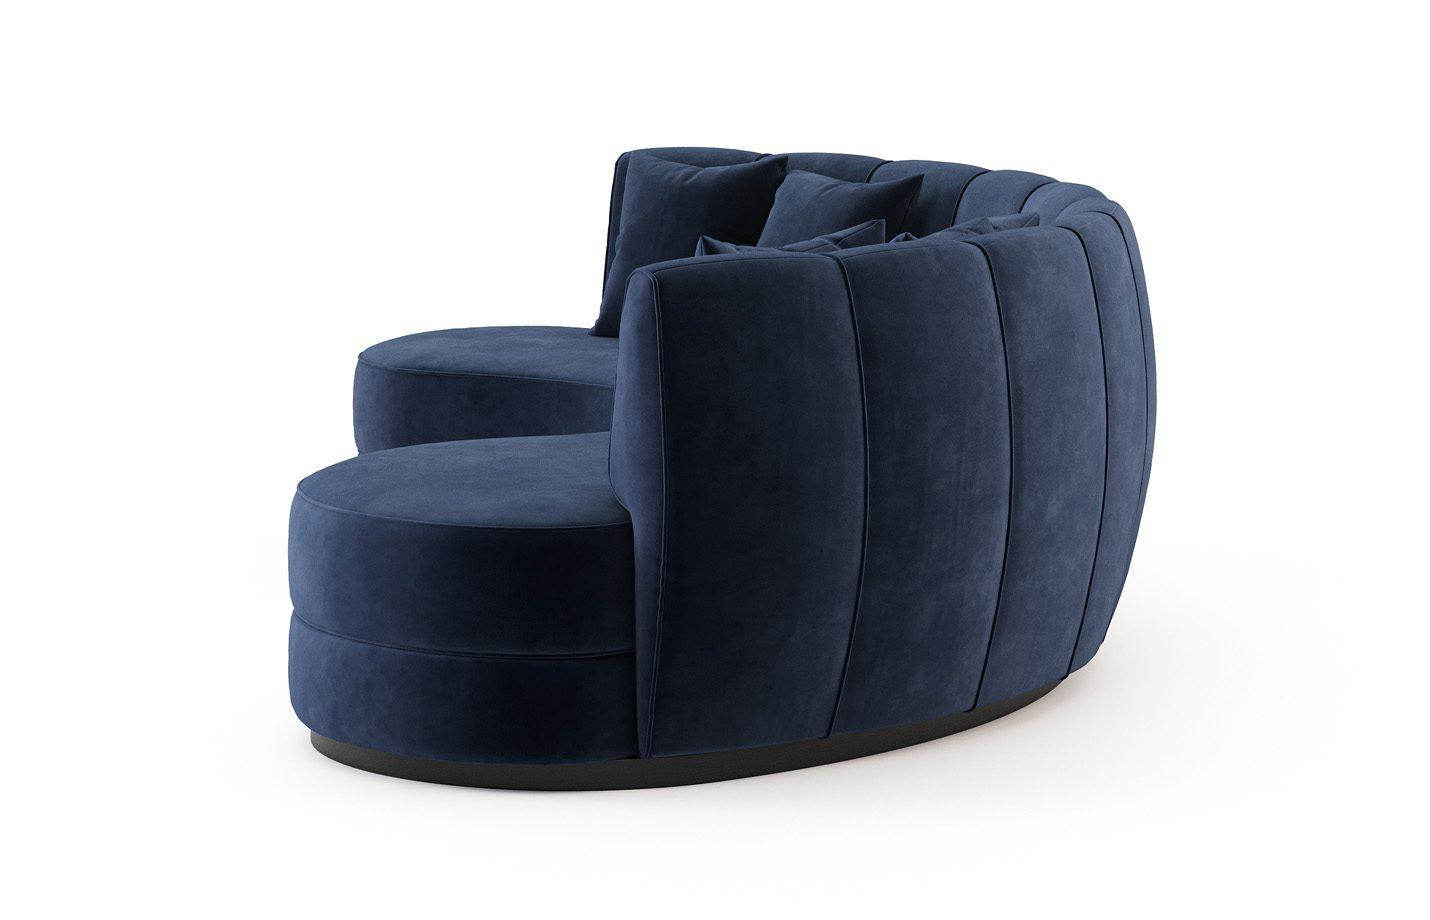 Good-Times-Sofa-by-fabiia-furniture-signature-3